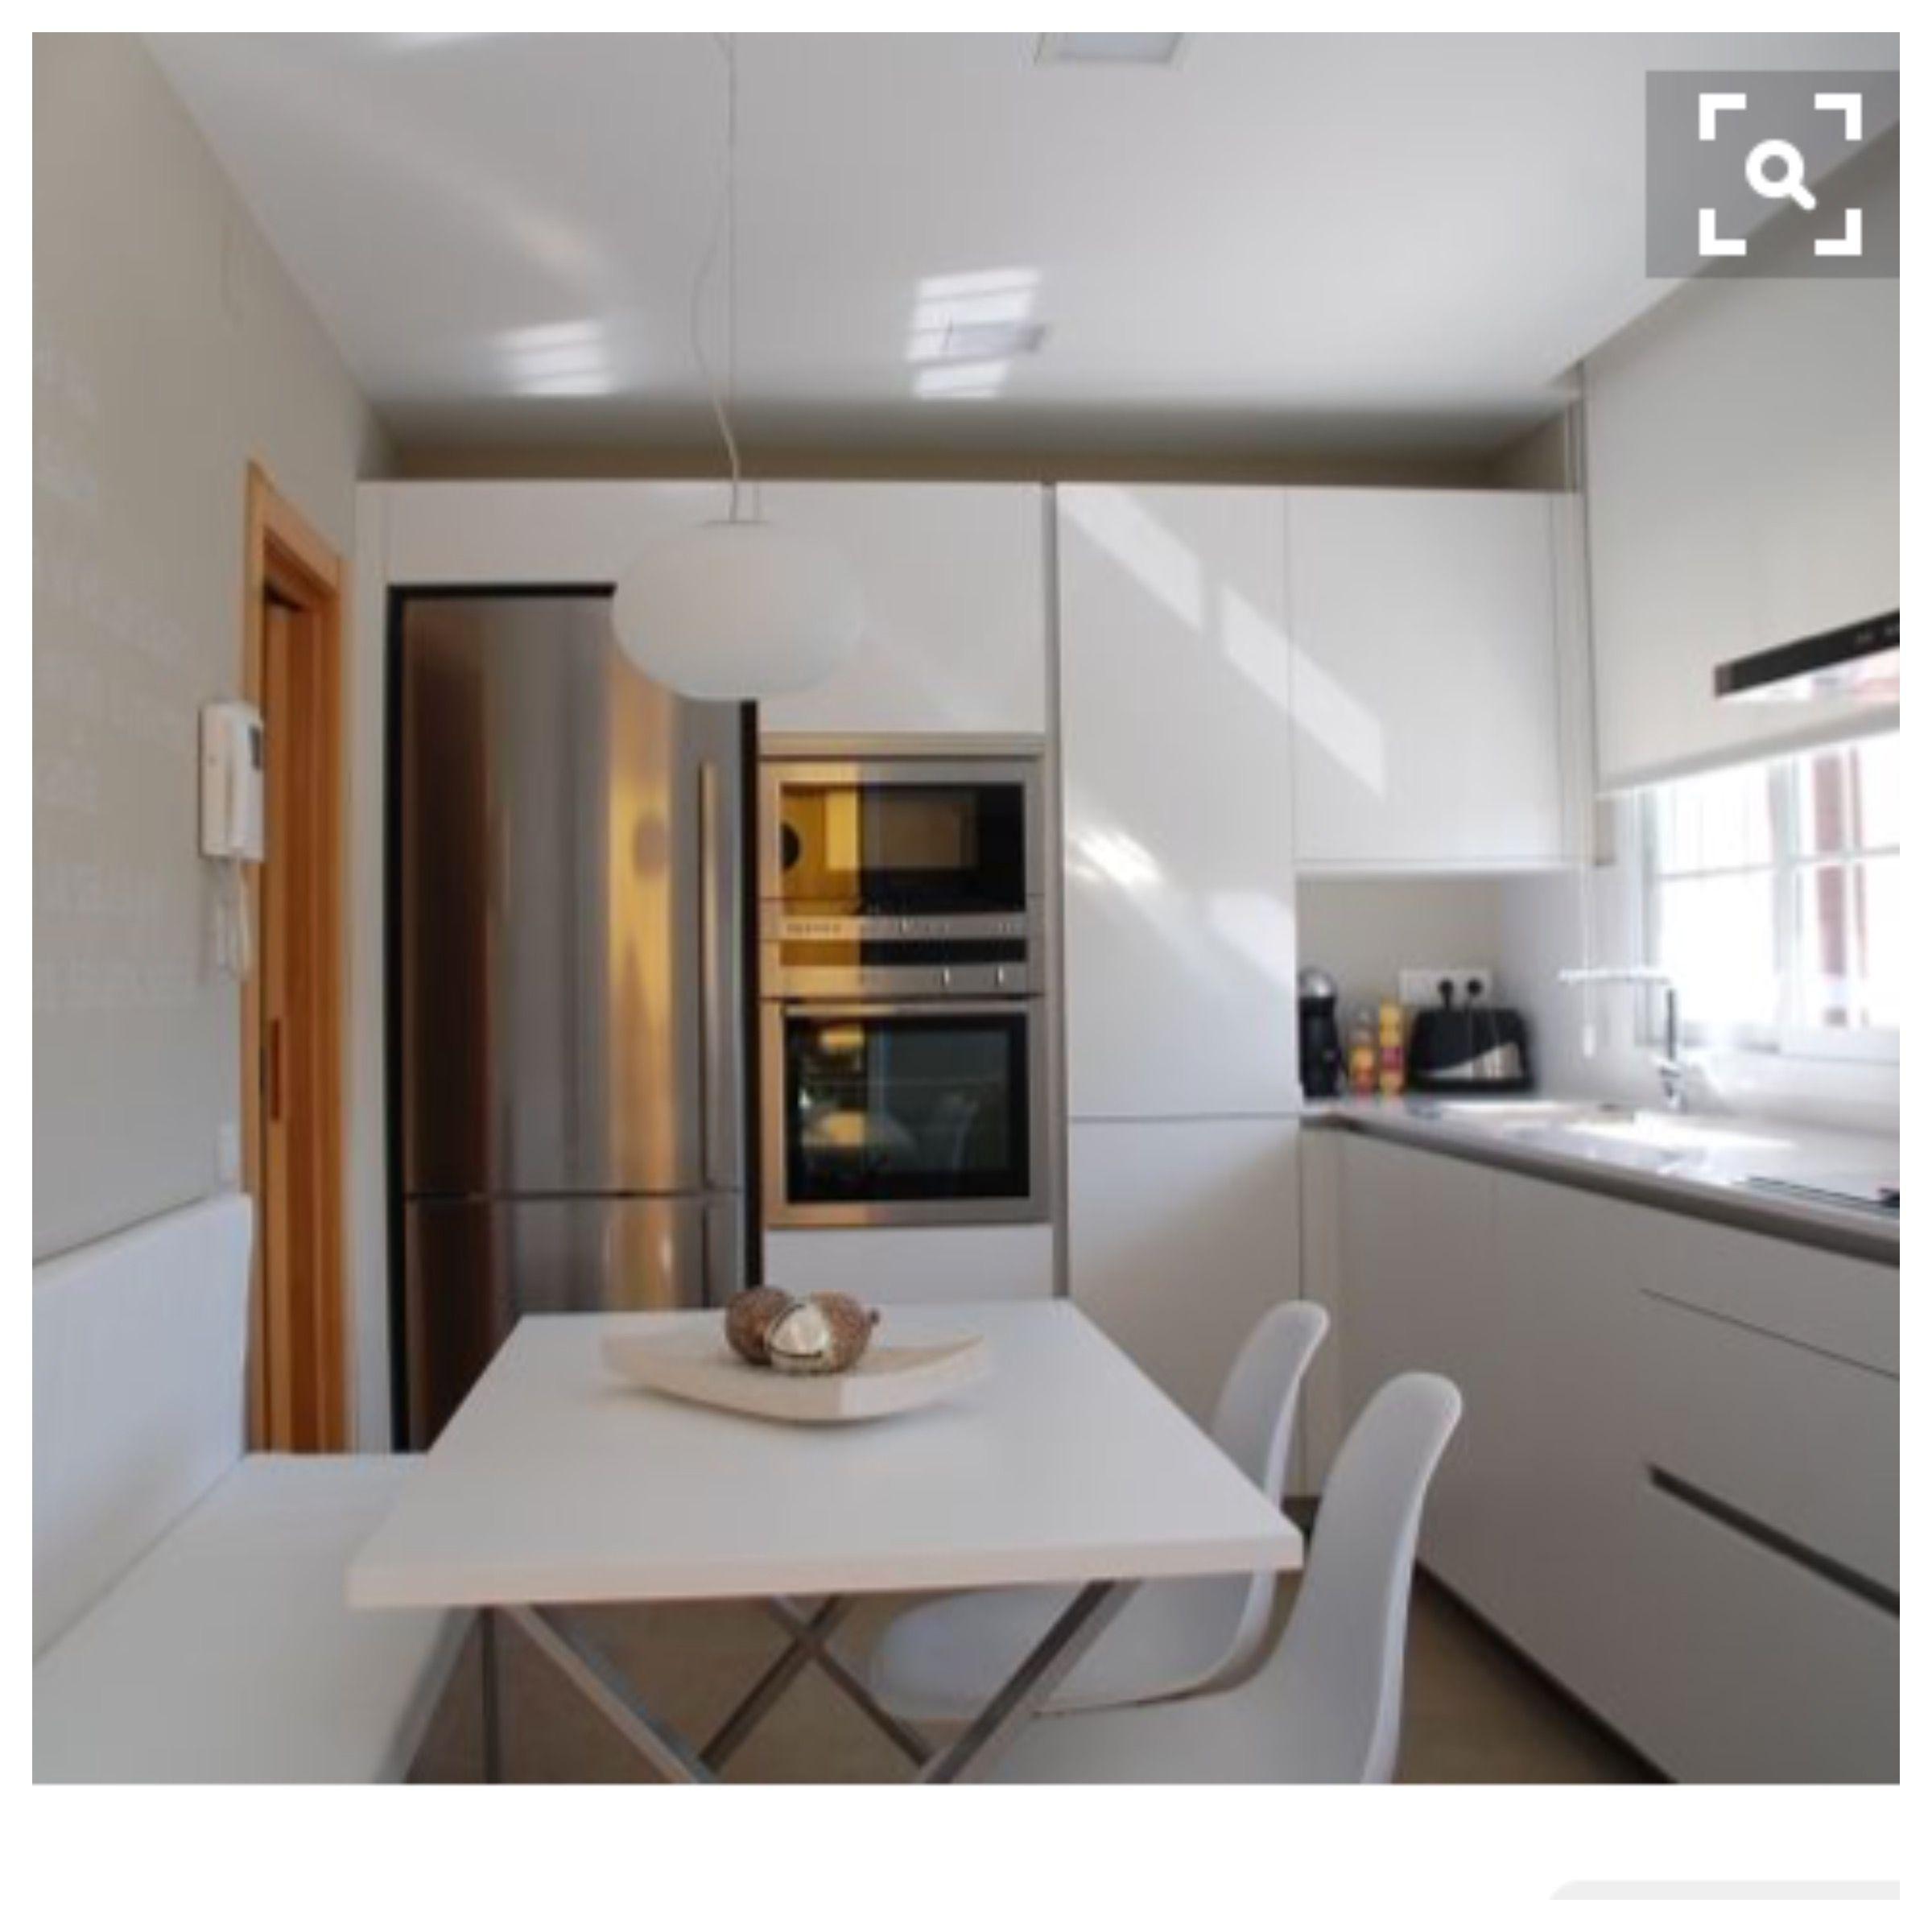 Pin von Silvana Alejandra auf Cocinas | Pinterest | Raumgestaltung ...